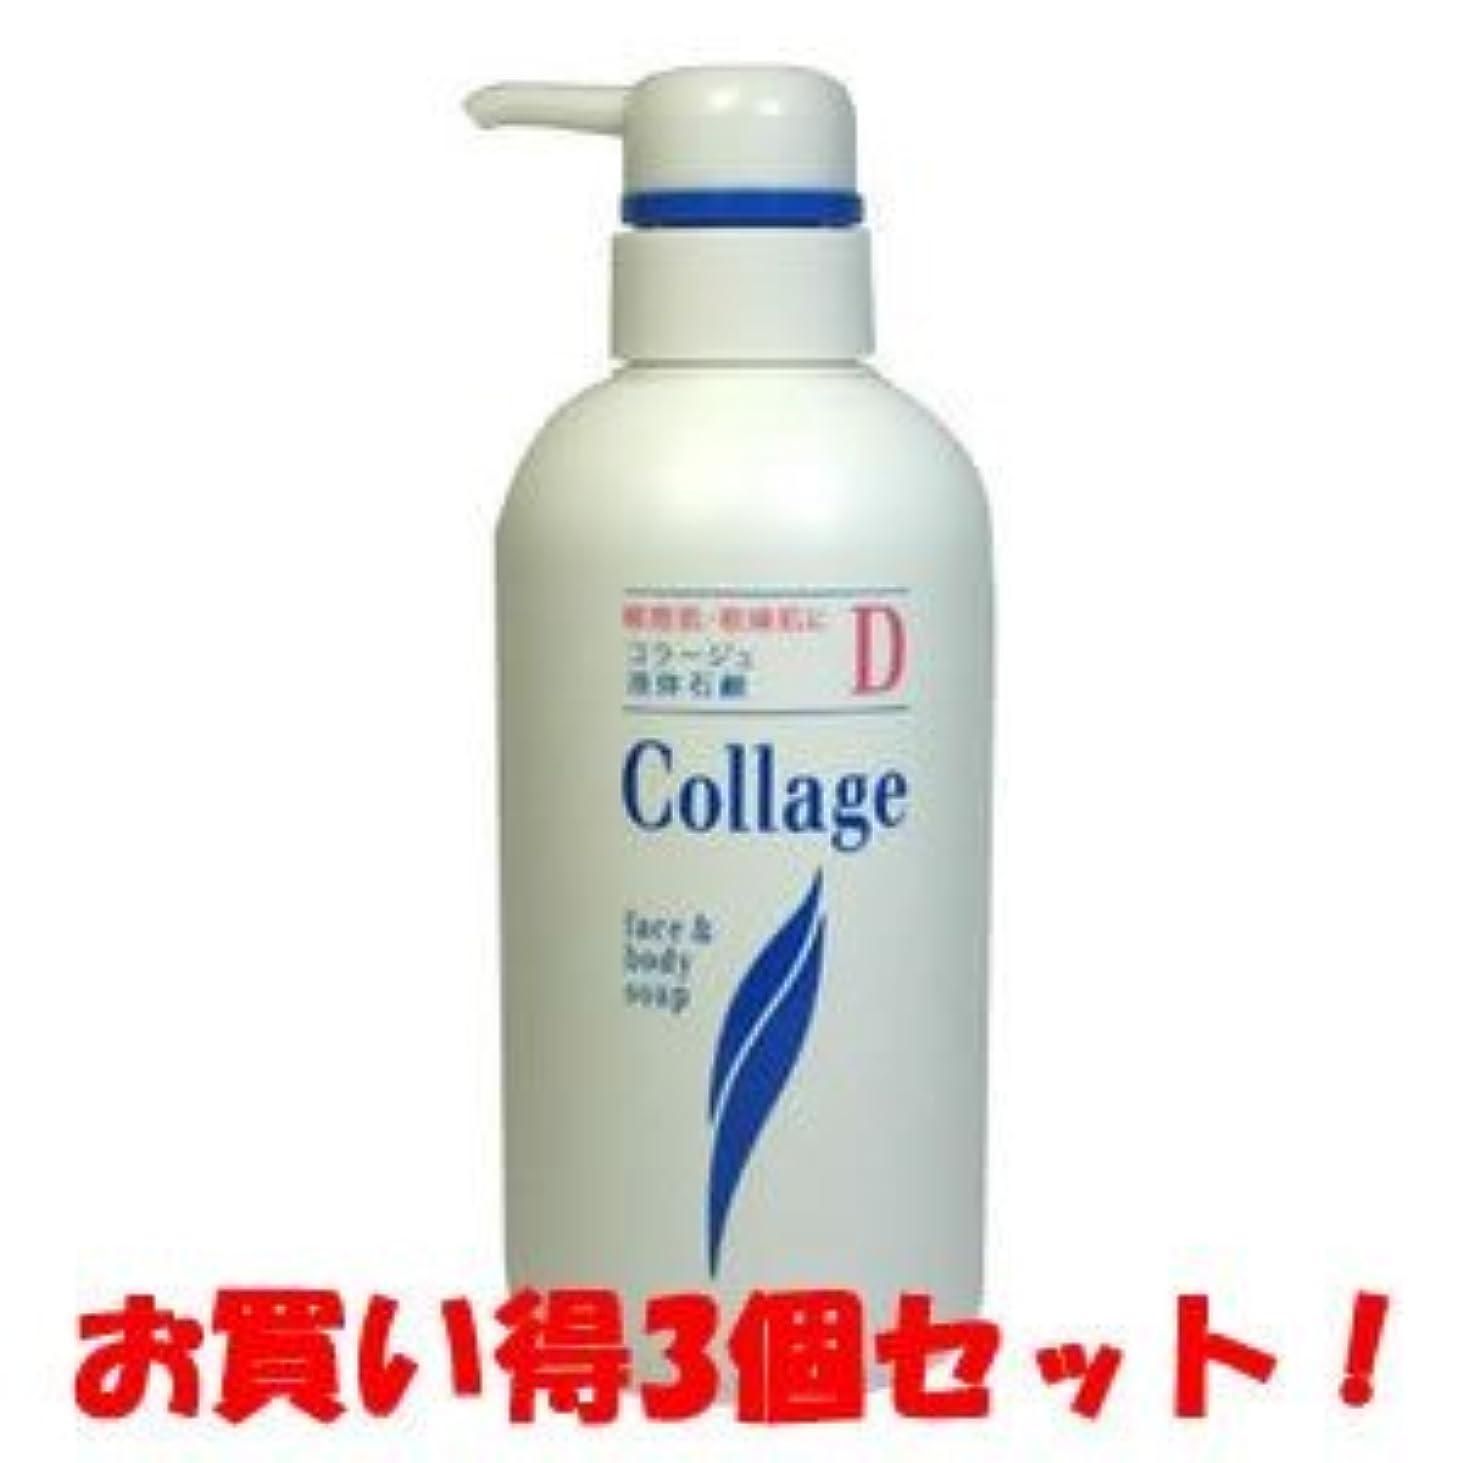 会計雪のピケ(持田ヘルスケア)コラージュD 液体石鹸 敏感肌?乾燥肌 400ml(お買い得3個セット)